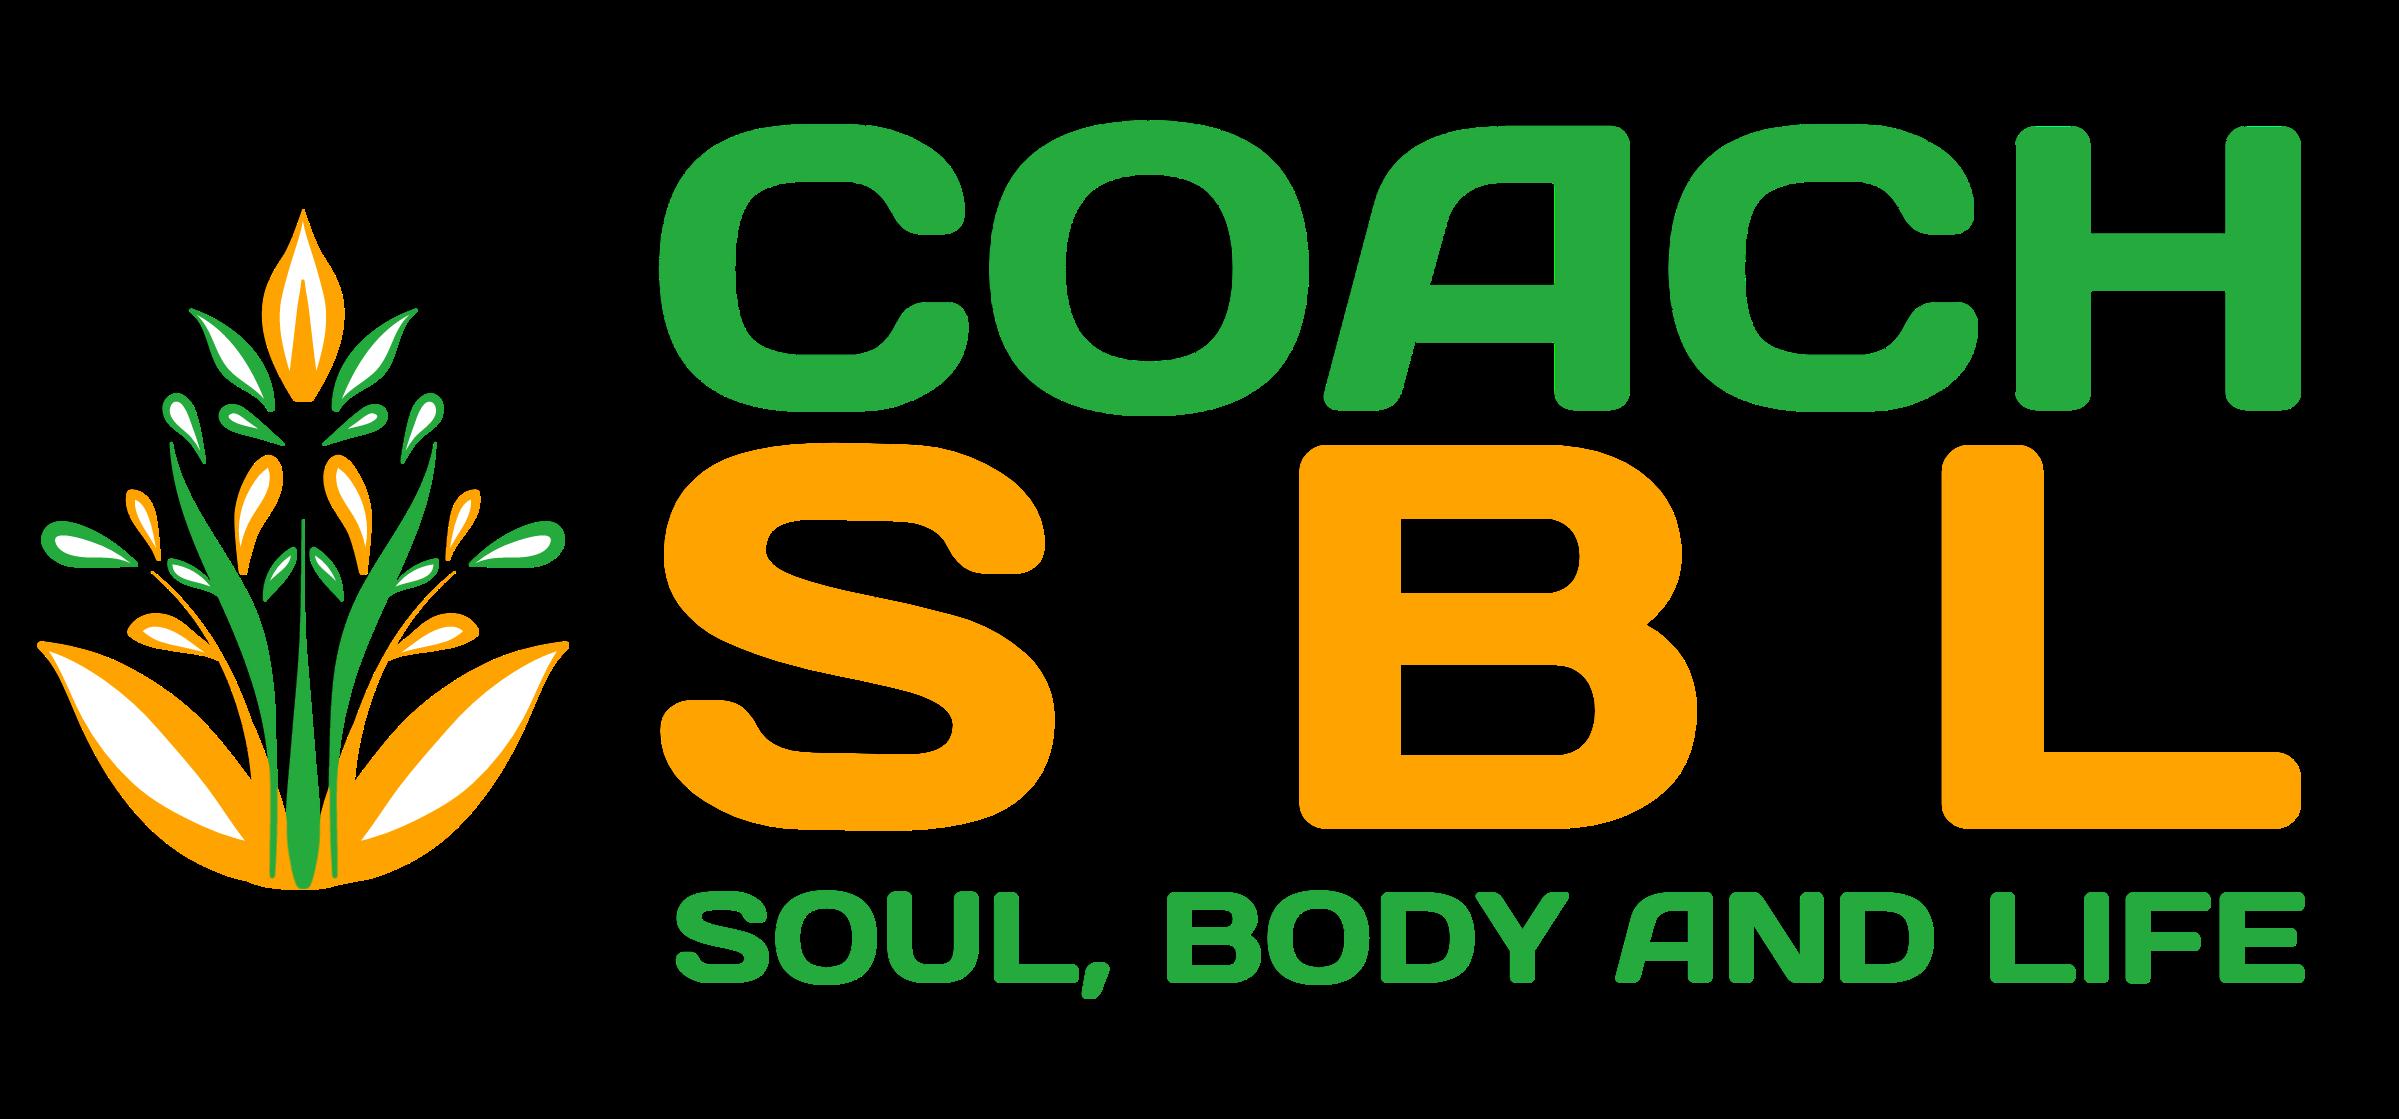 Coach-SBL